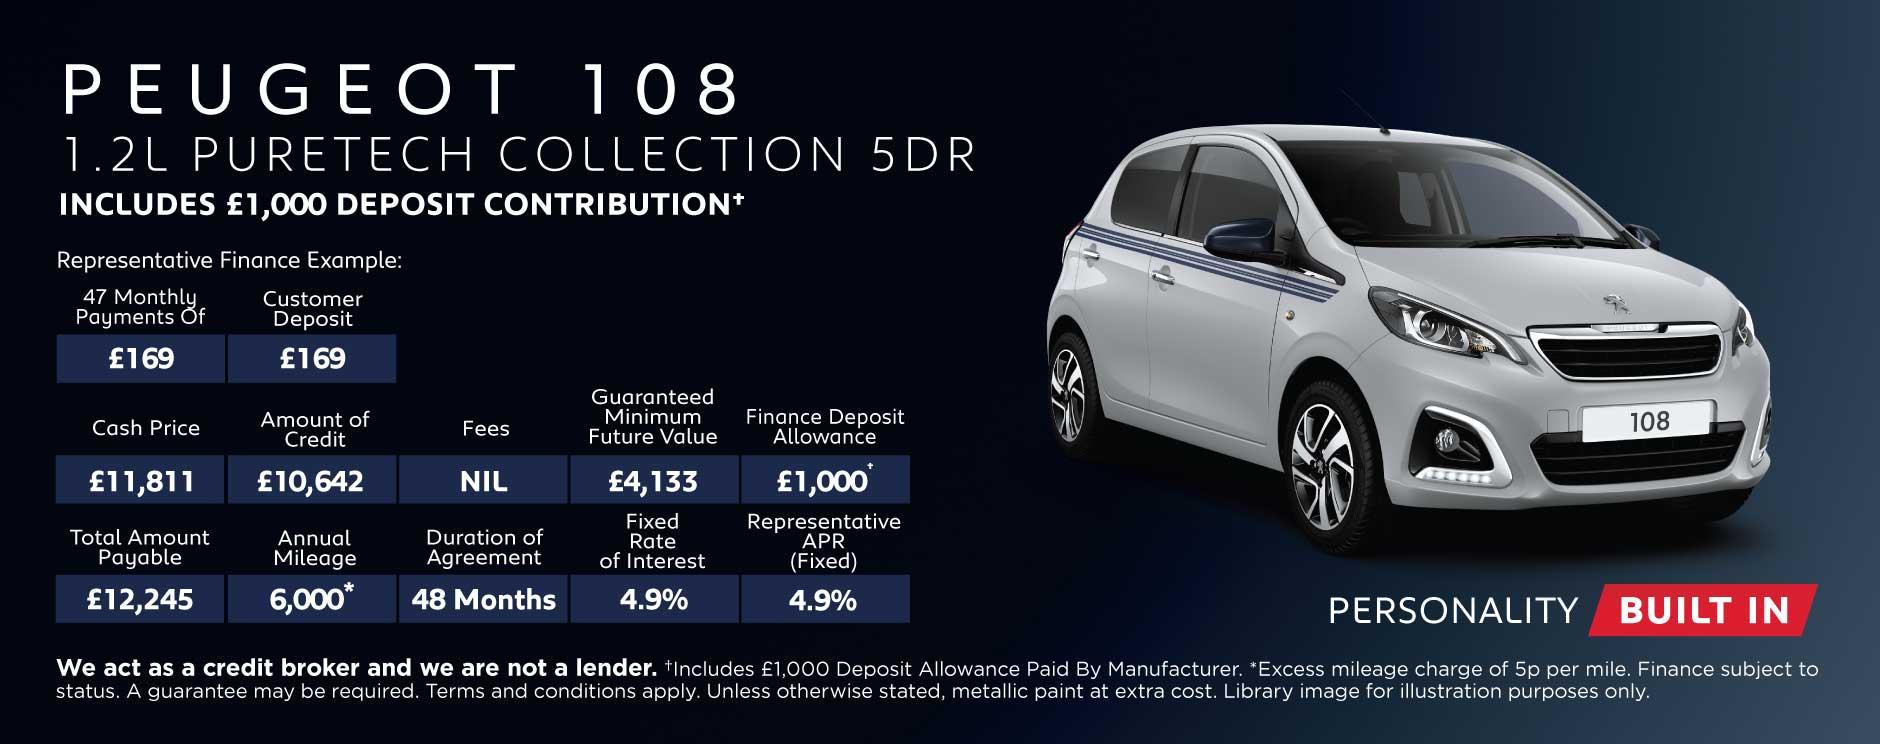 New Peugeot deals | New Peugeot cars for sale | Macklin Motors